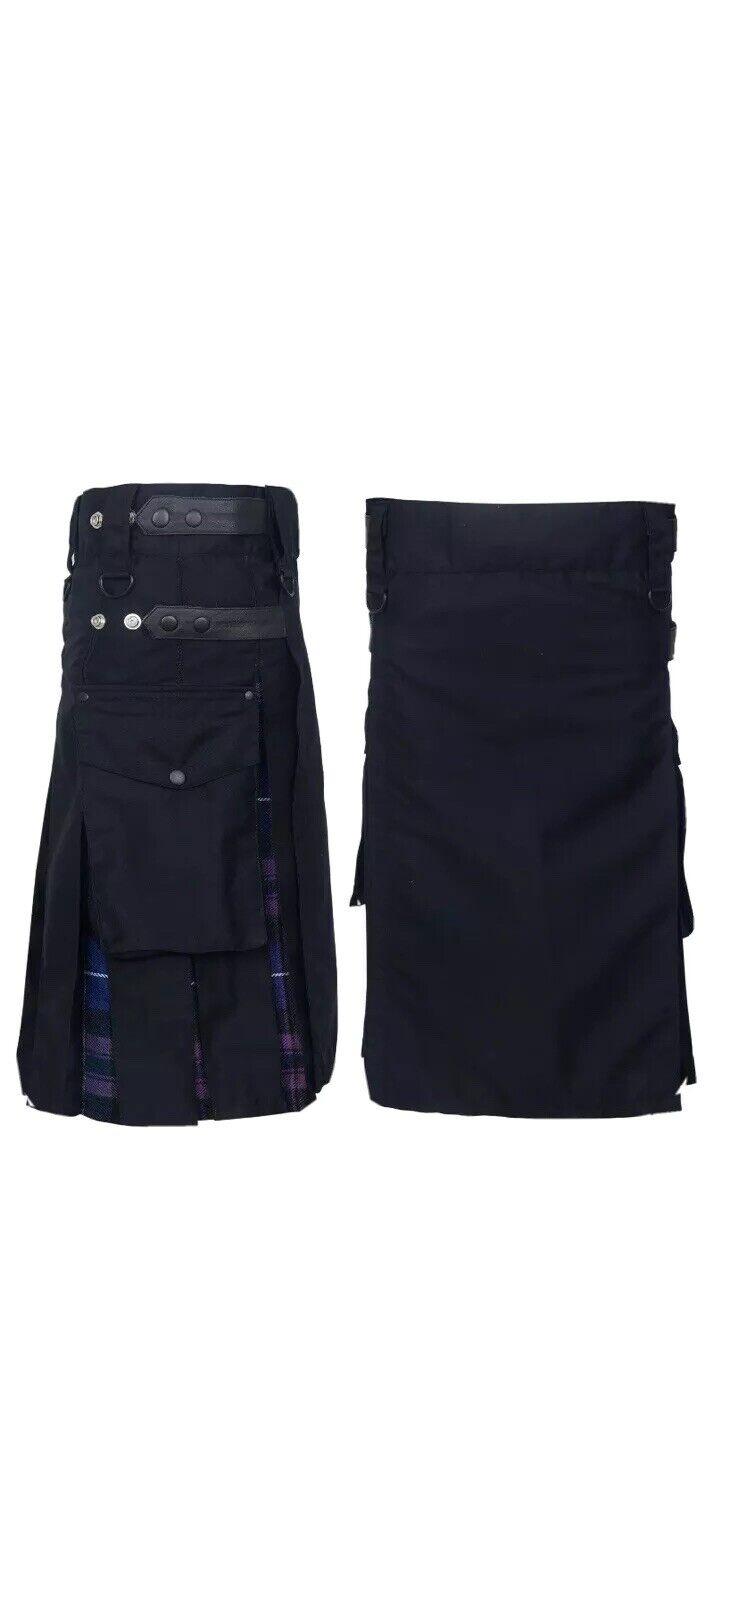 Men's Hybrid Leather Straps, 36Cotton & Tartan (Pride Of Scotland) Utility Kilt